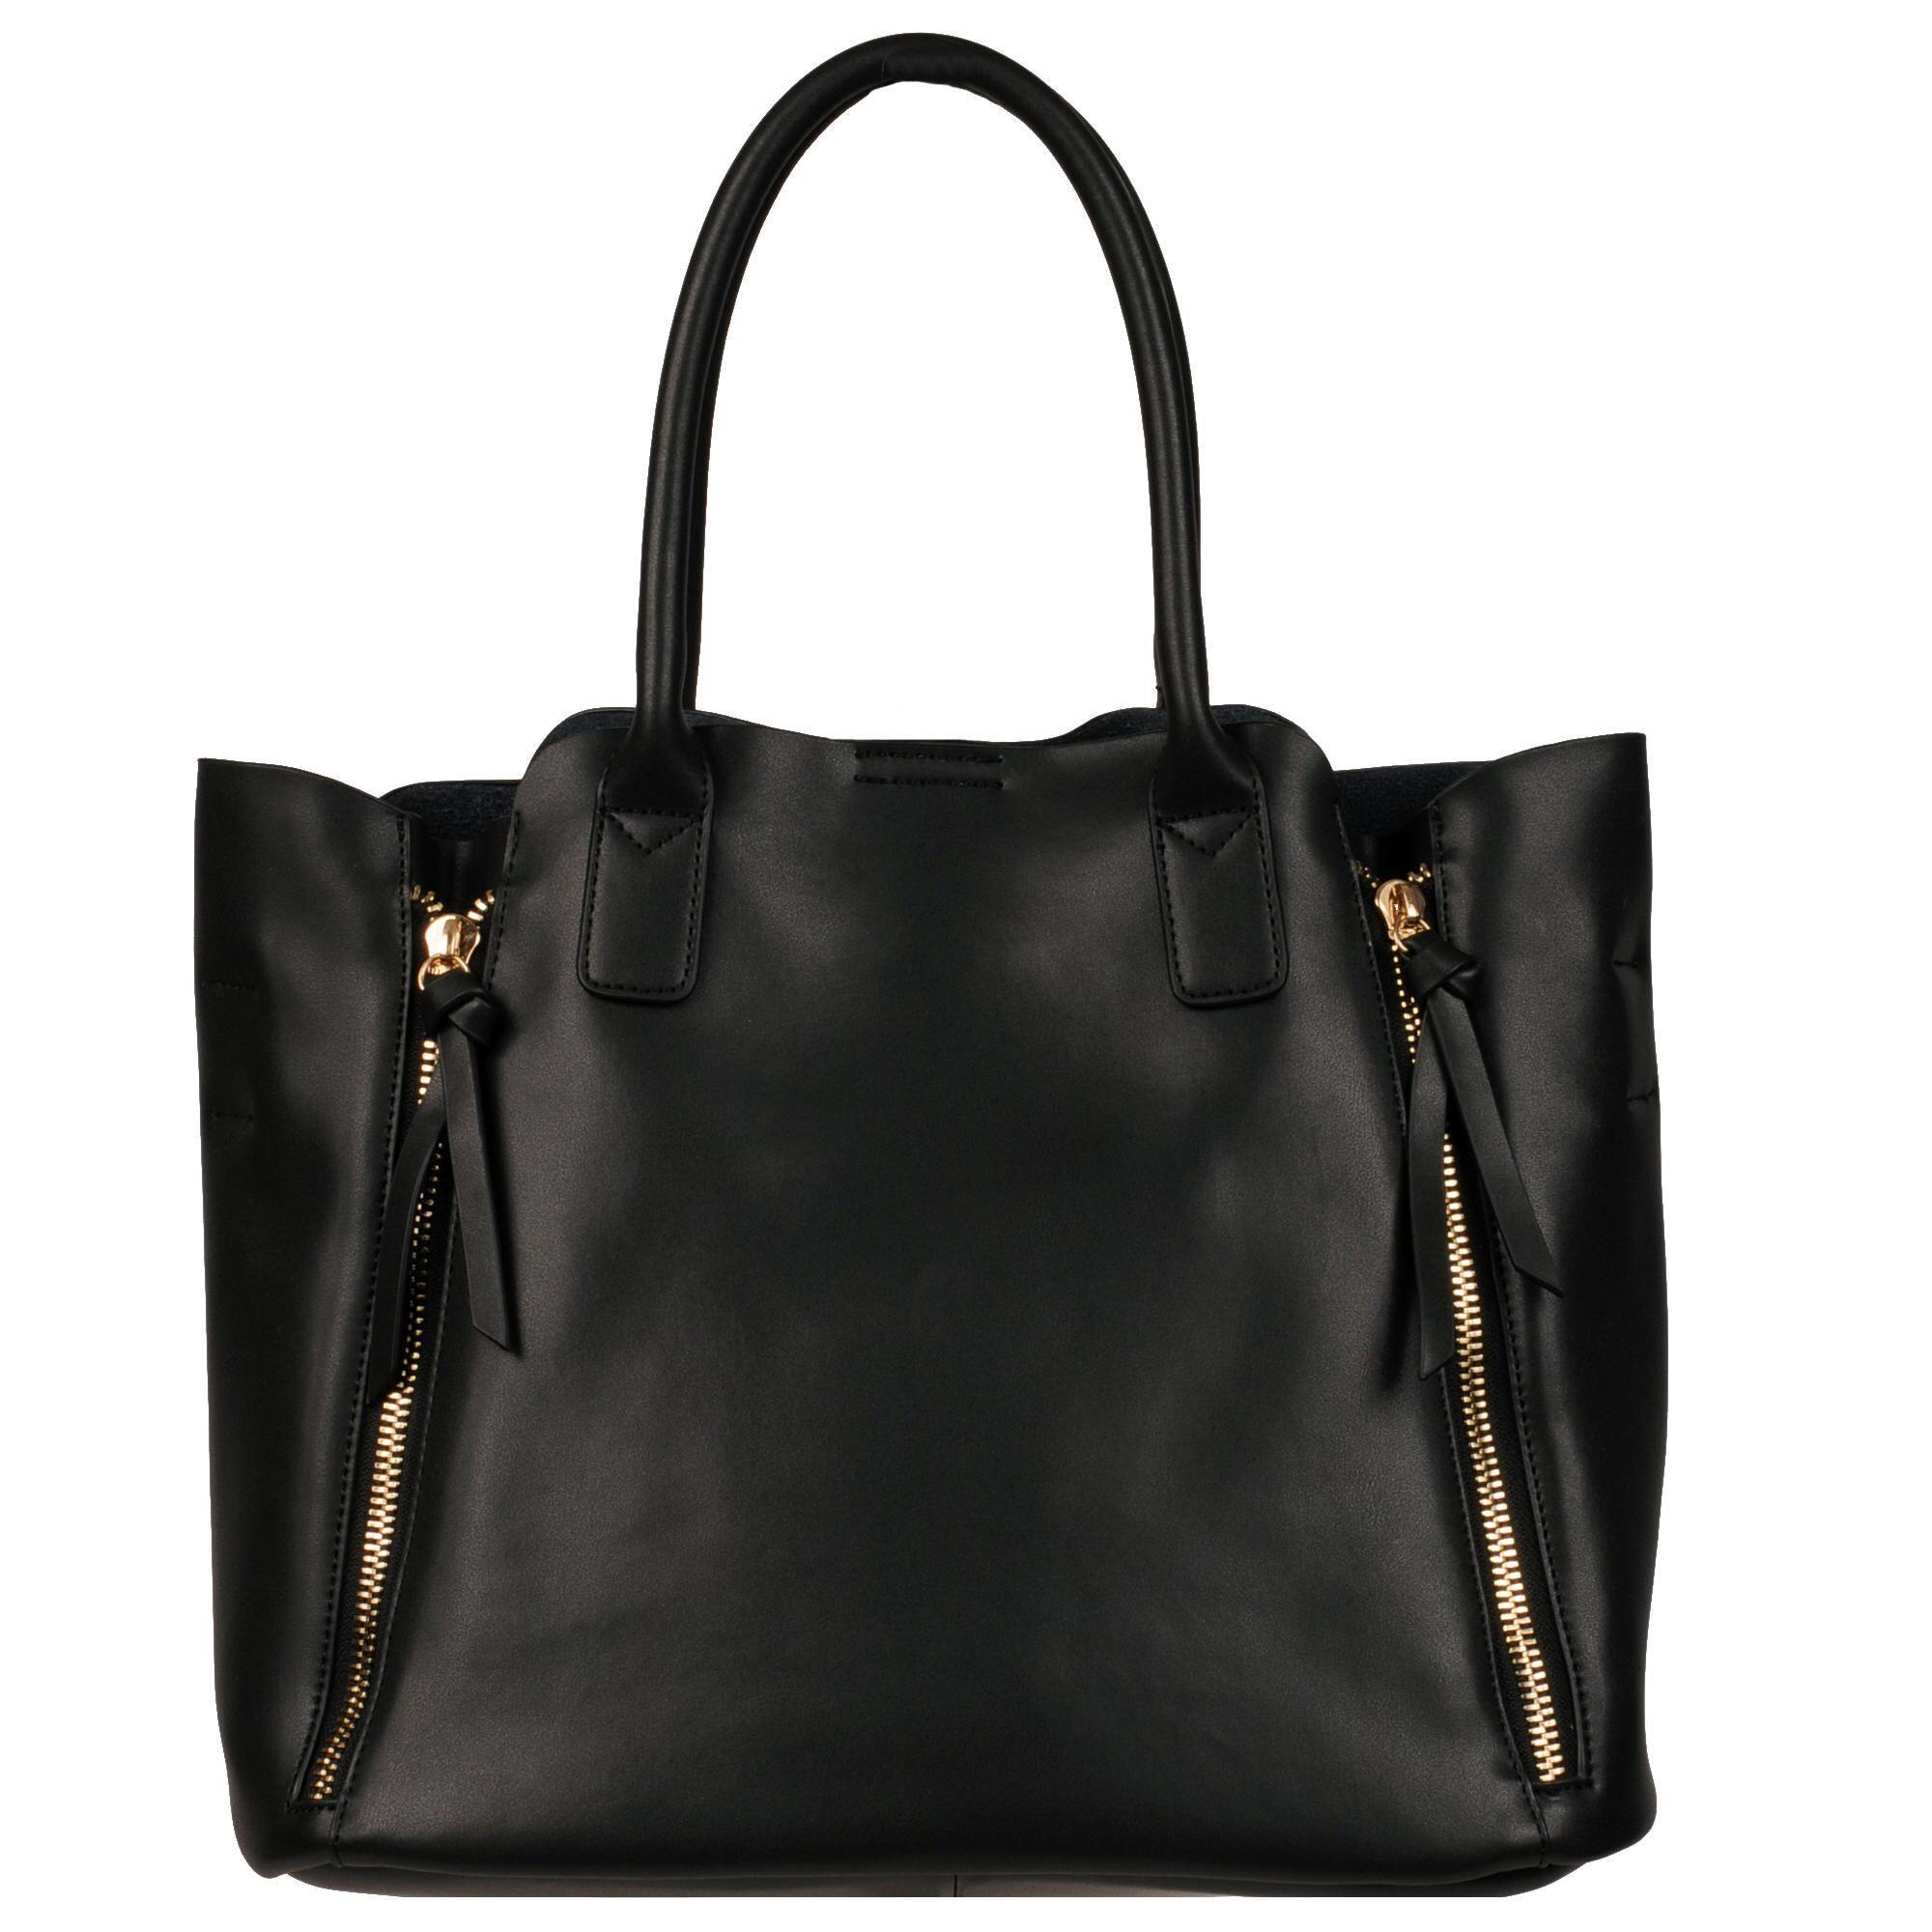 Satchels Handbags & Accessories … Wilsons leather